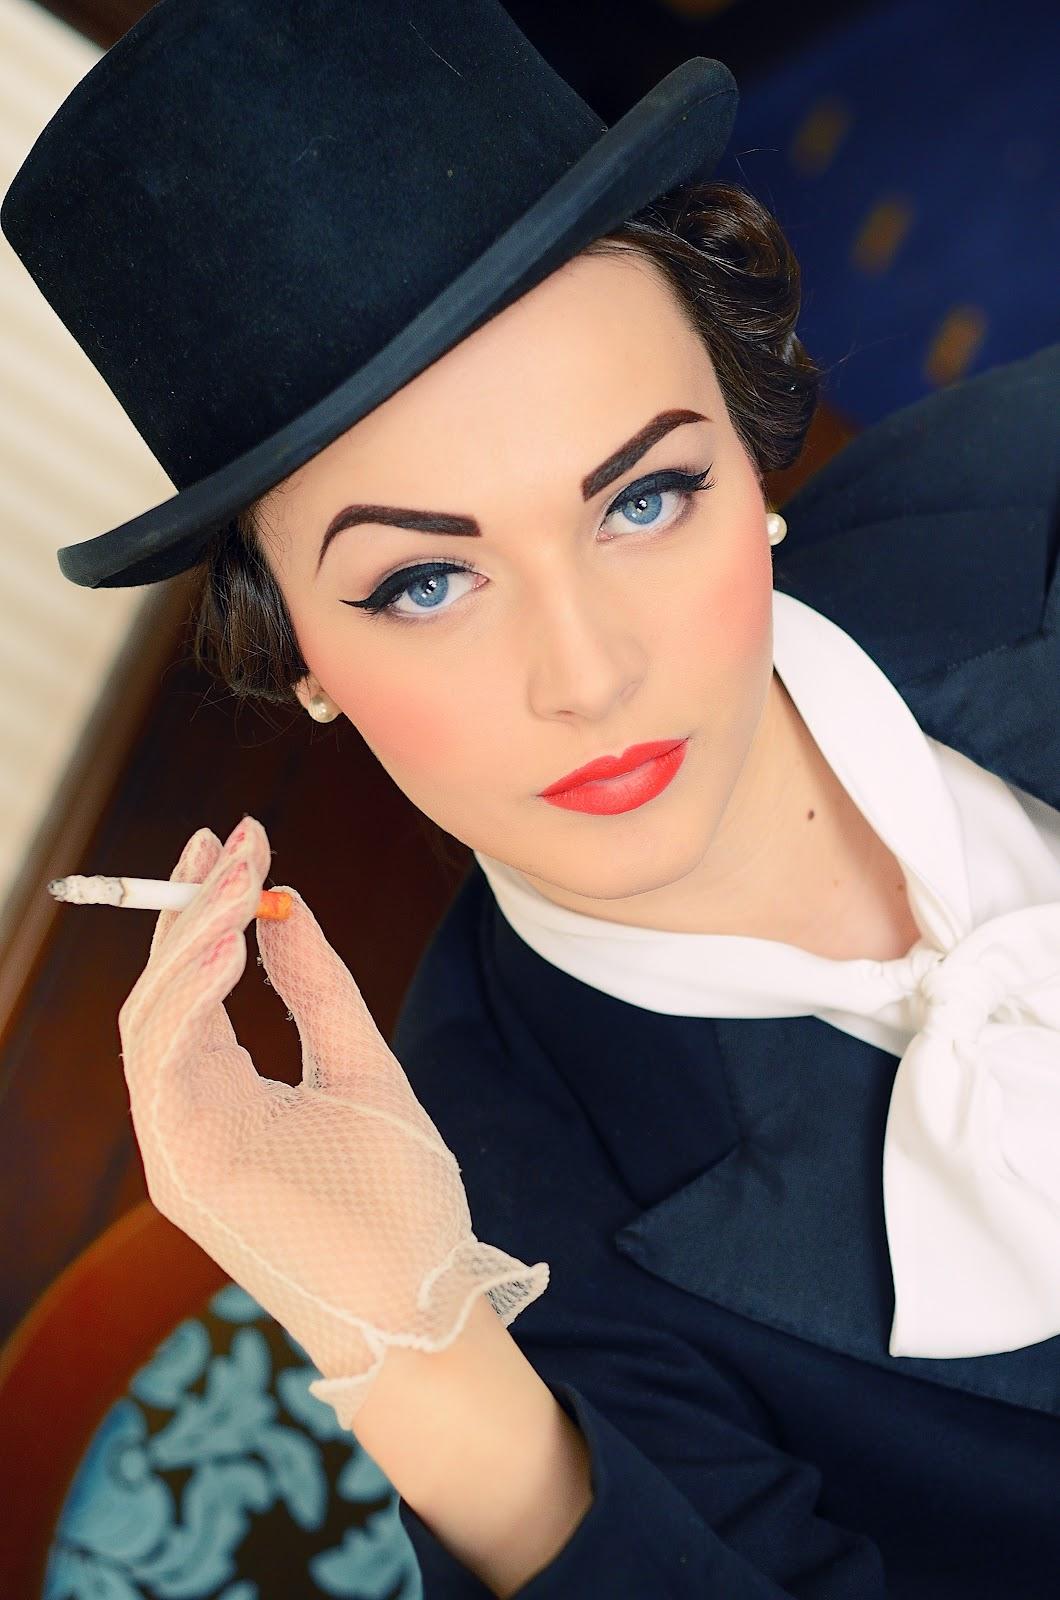 Idda Van Munster: My Great Inspiration: Marlene Dietrich